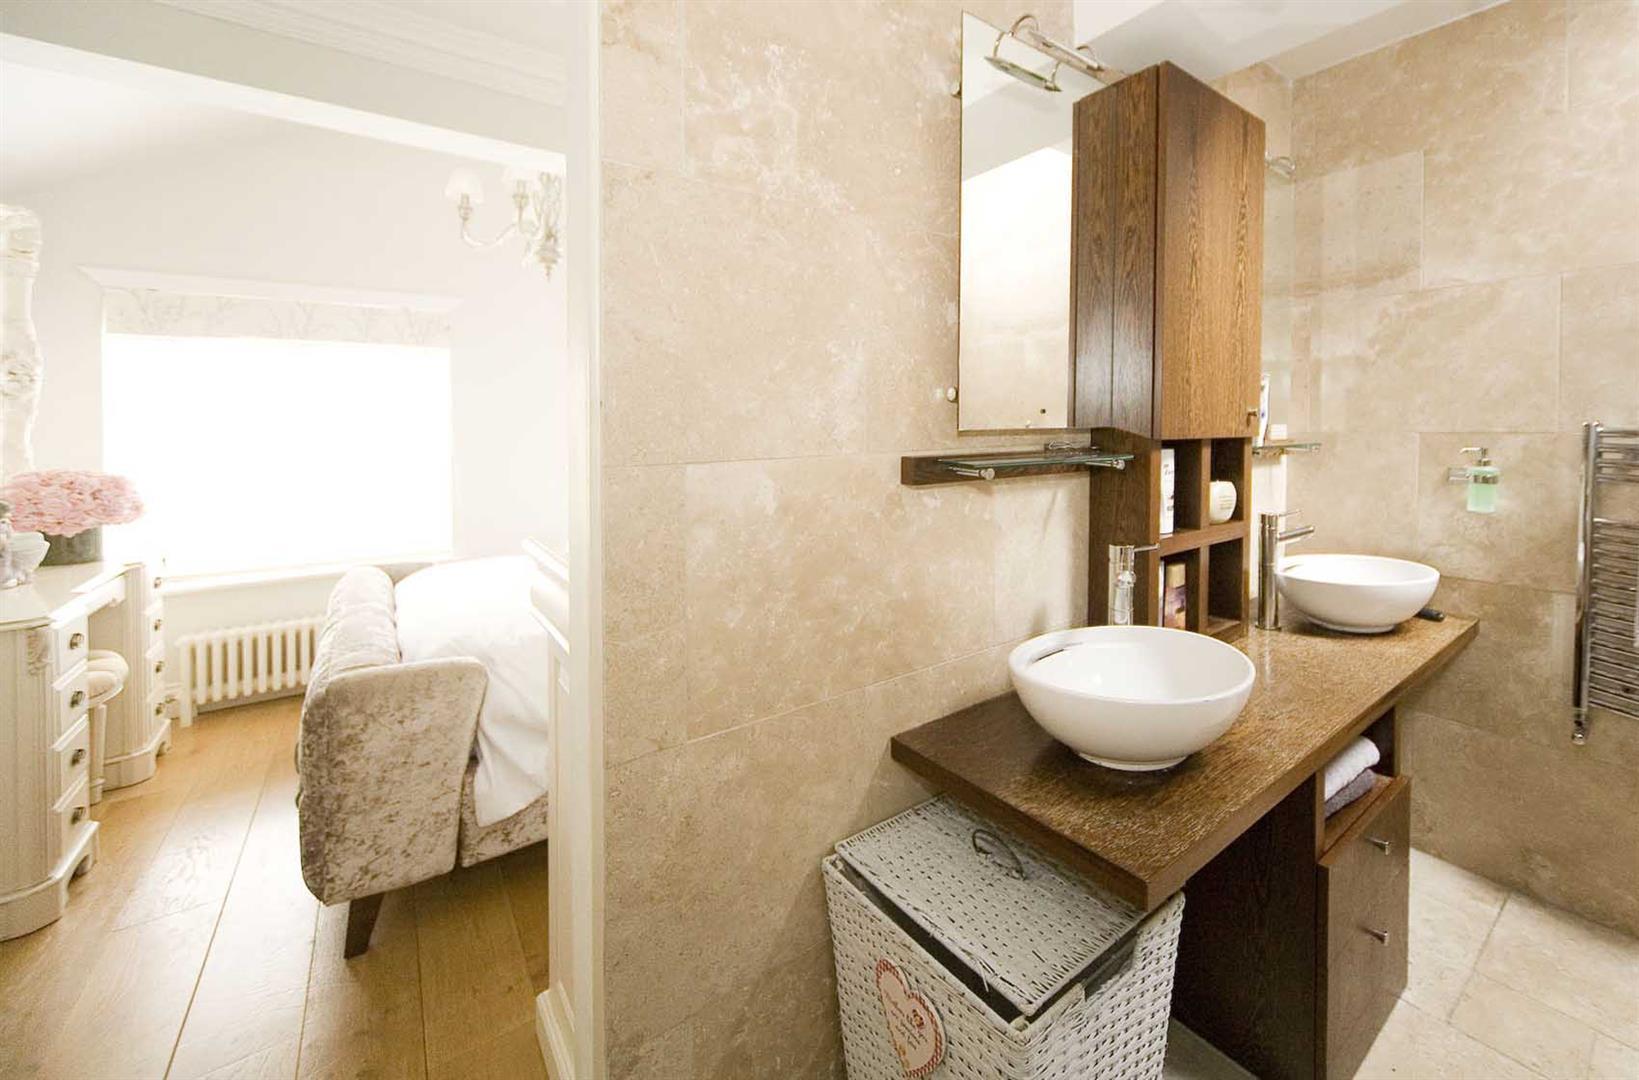 En suite/Master bedroom